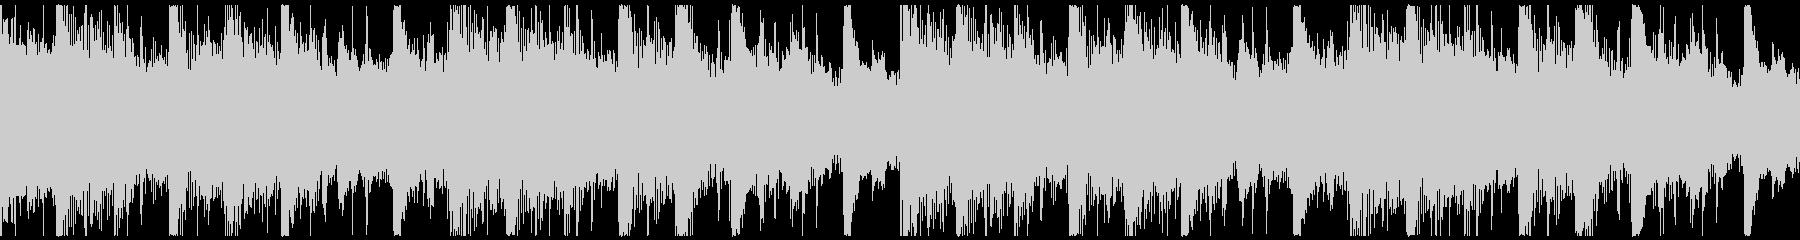 躍動感,オシャレCM、ループ1の未再生の波形